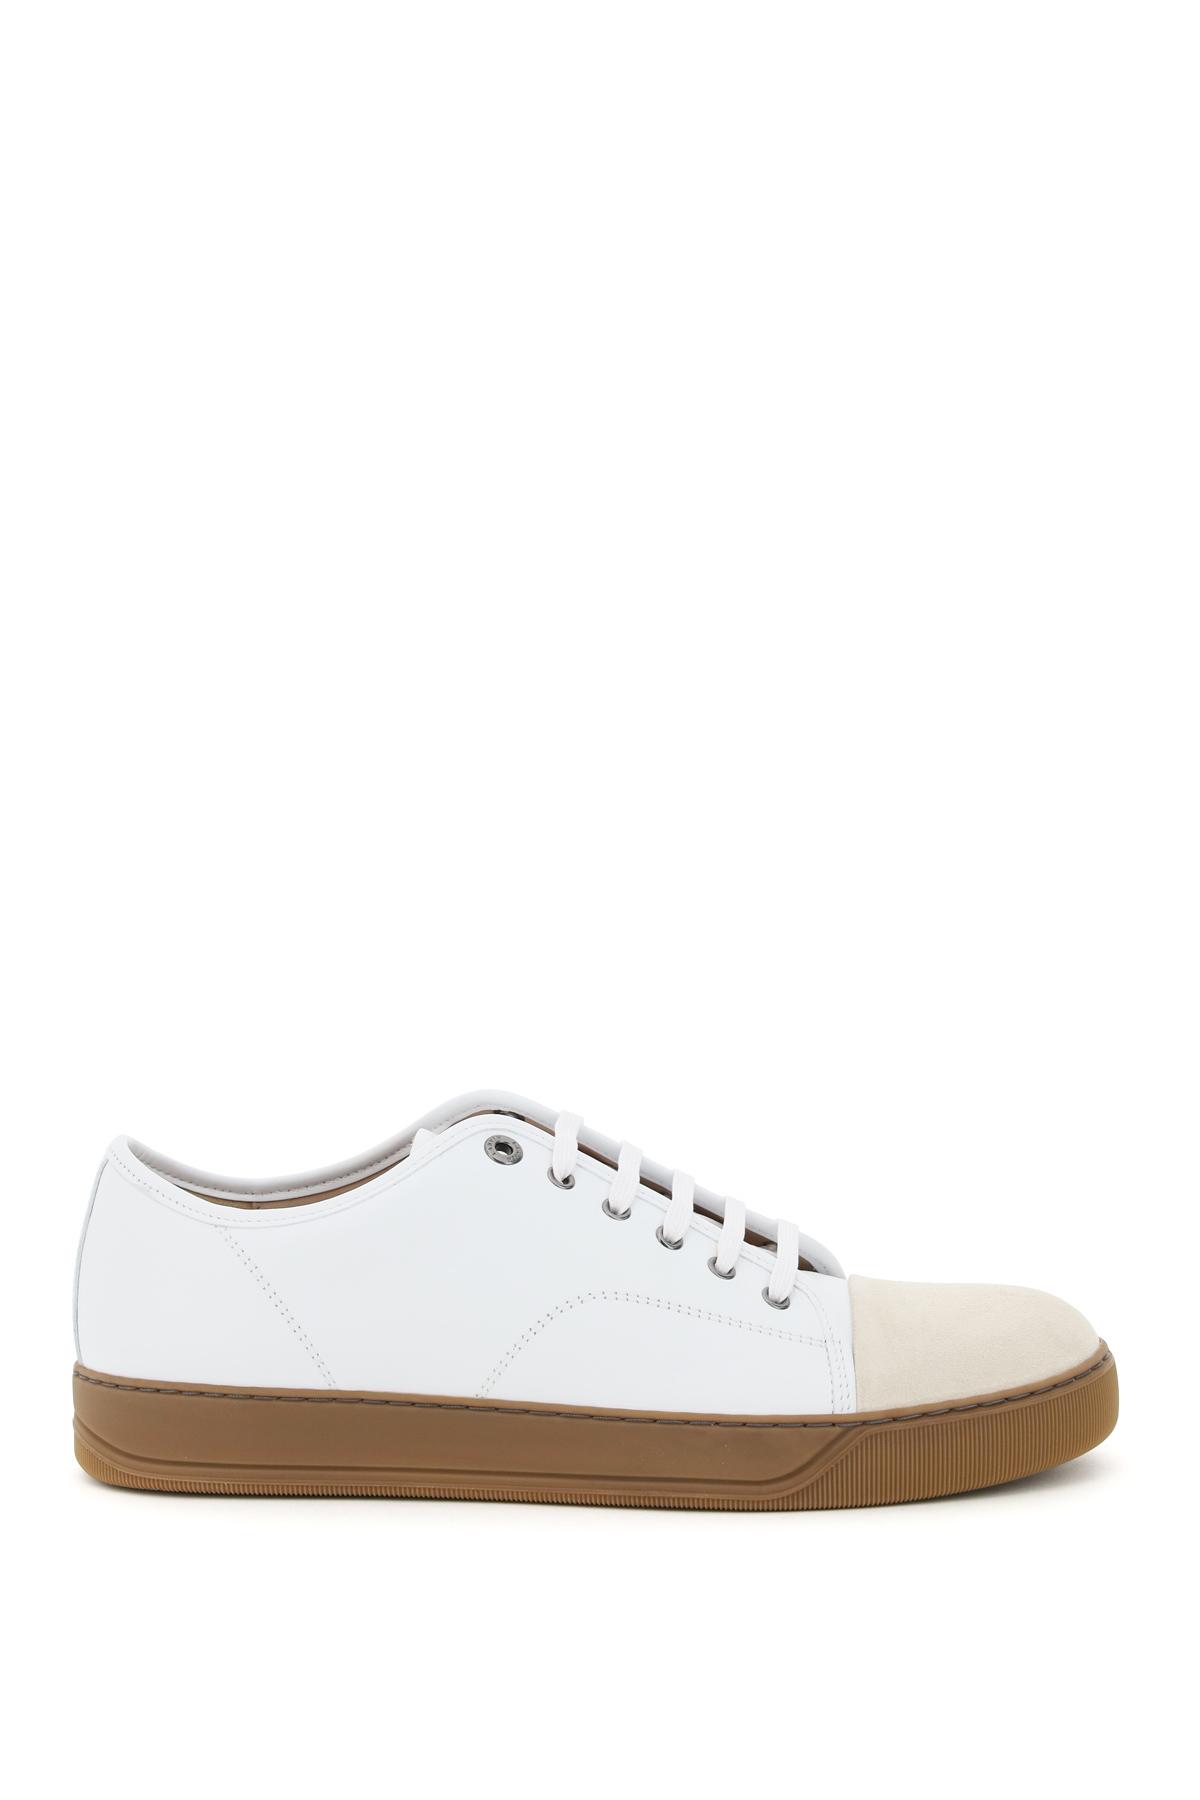 Lanvin sneakers dbb1